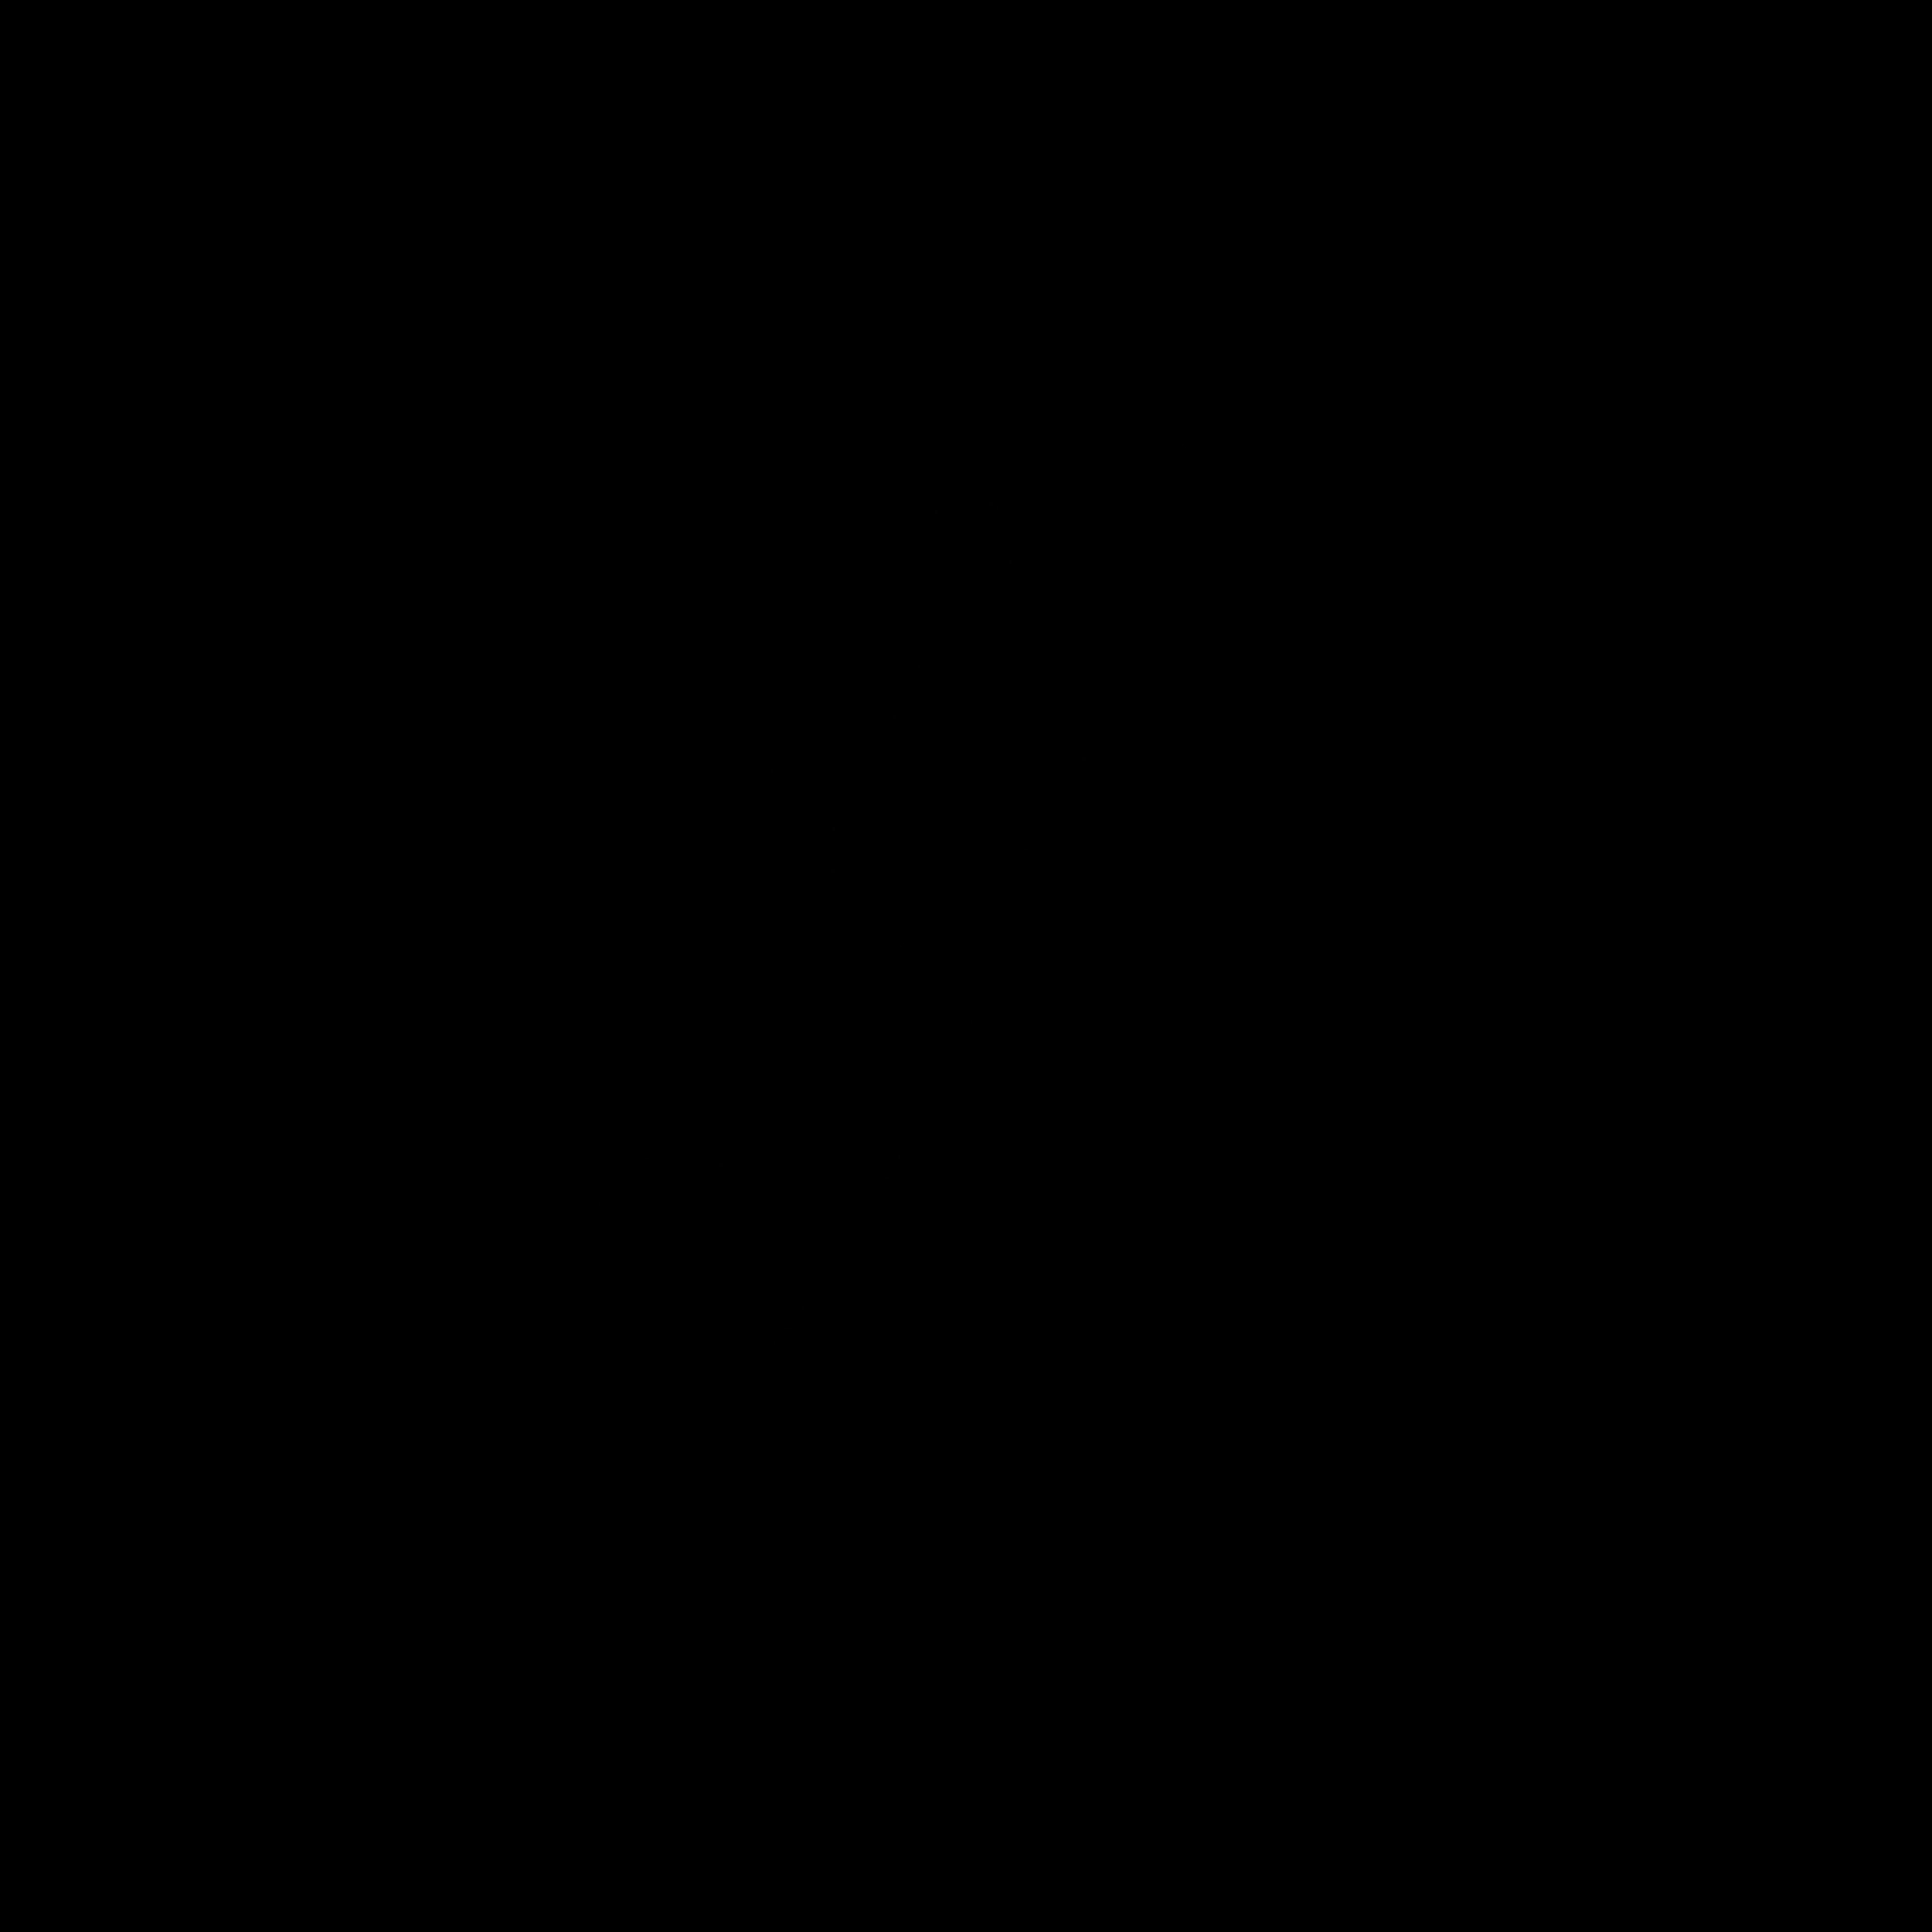 illude.de Logo für Illustration und design. Wo man Sketching Workshops und Coachings buchen kann.